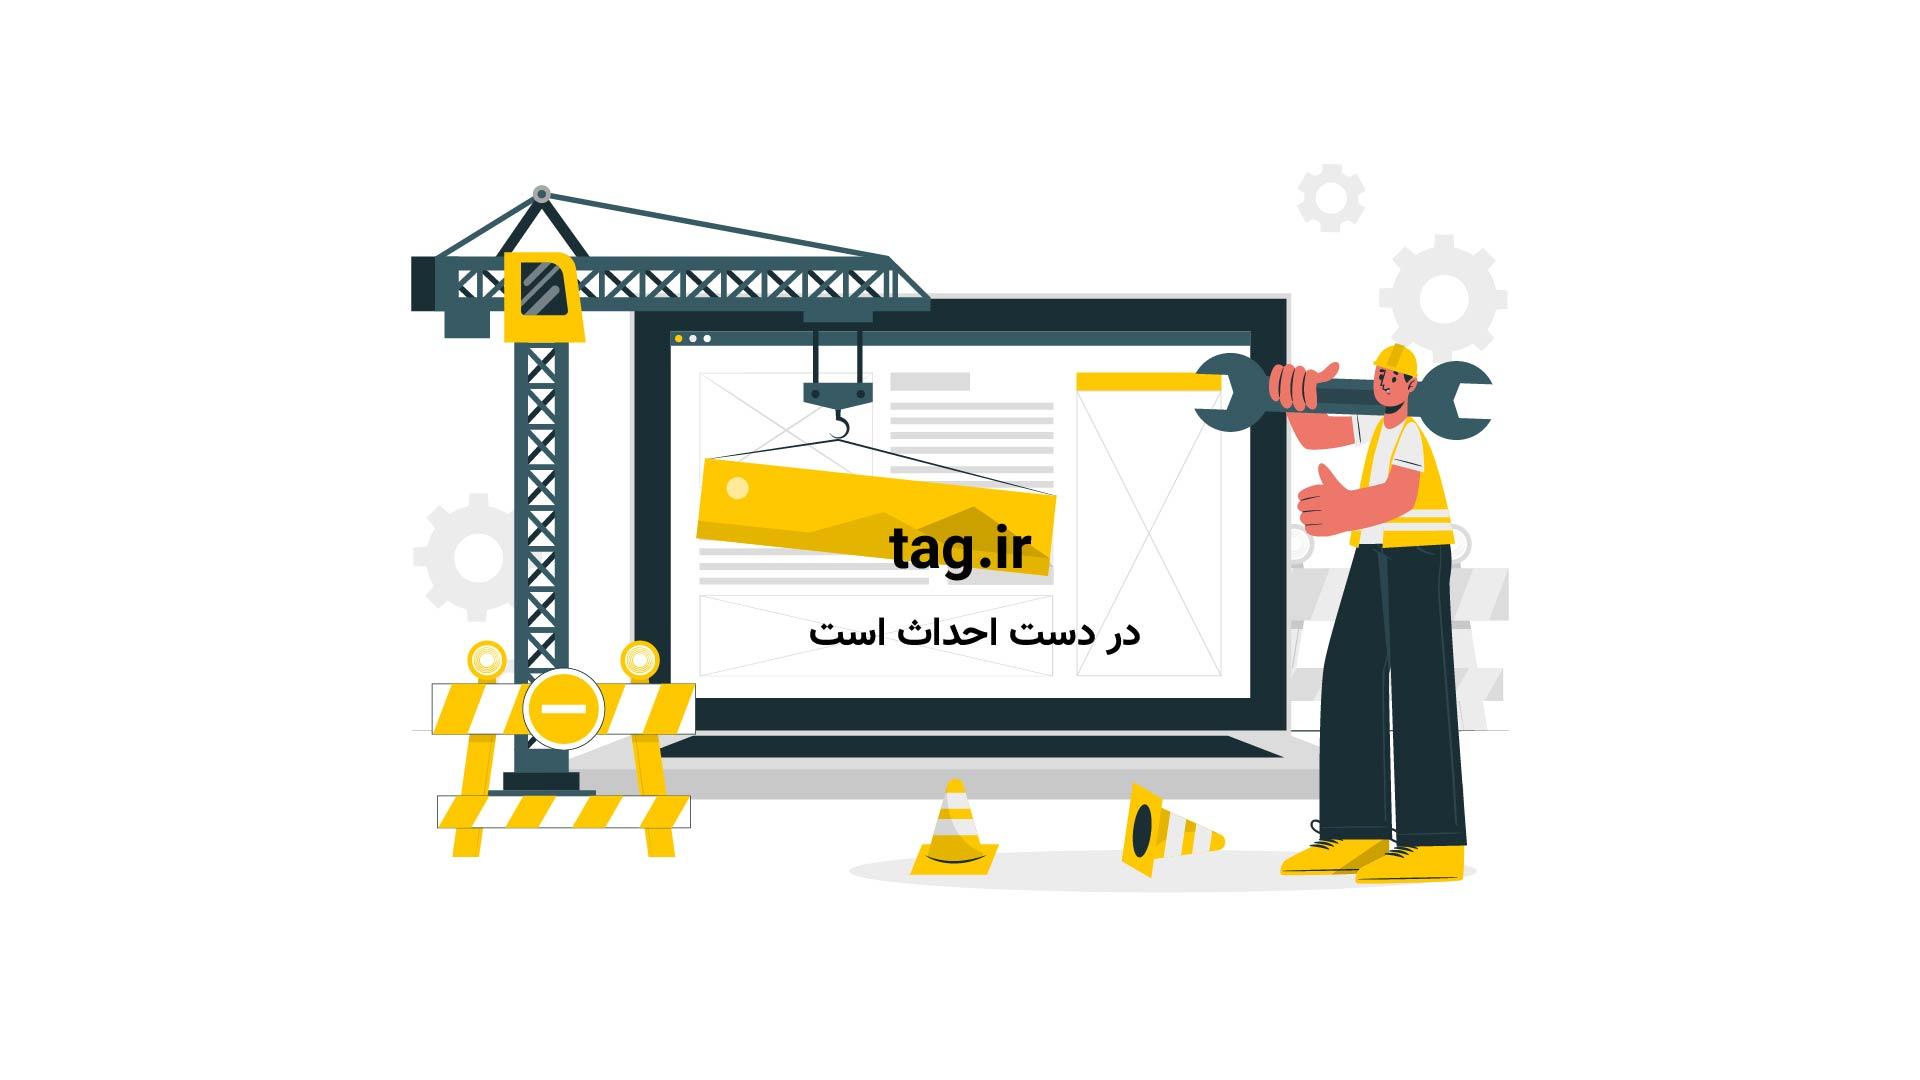 فیلم دیدنی از شکار خوک دریایی توسط کوسه سفید|تگ